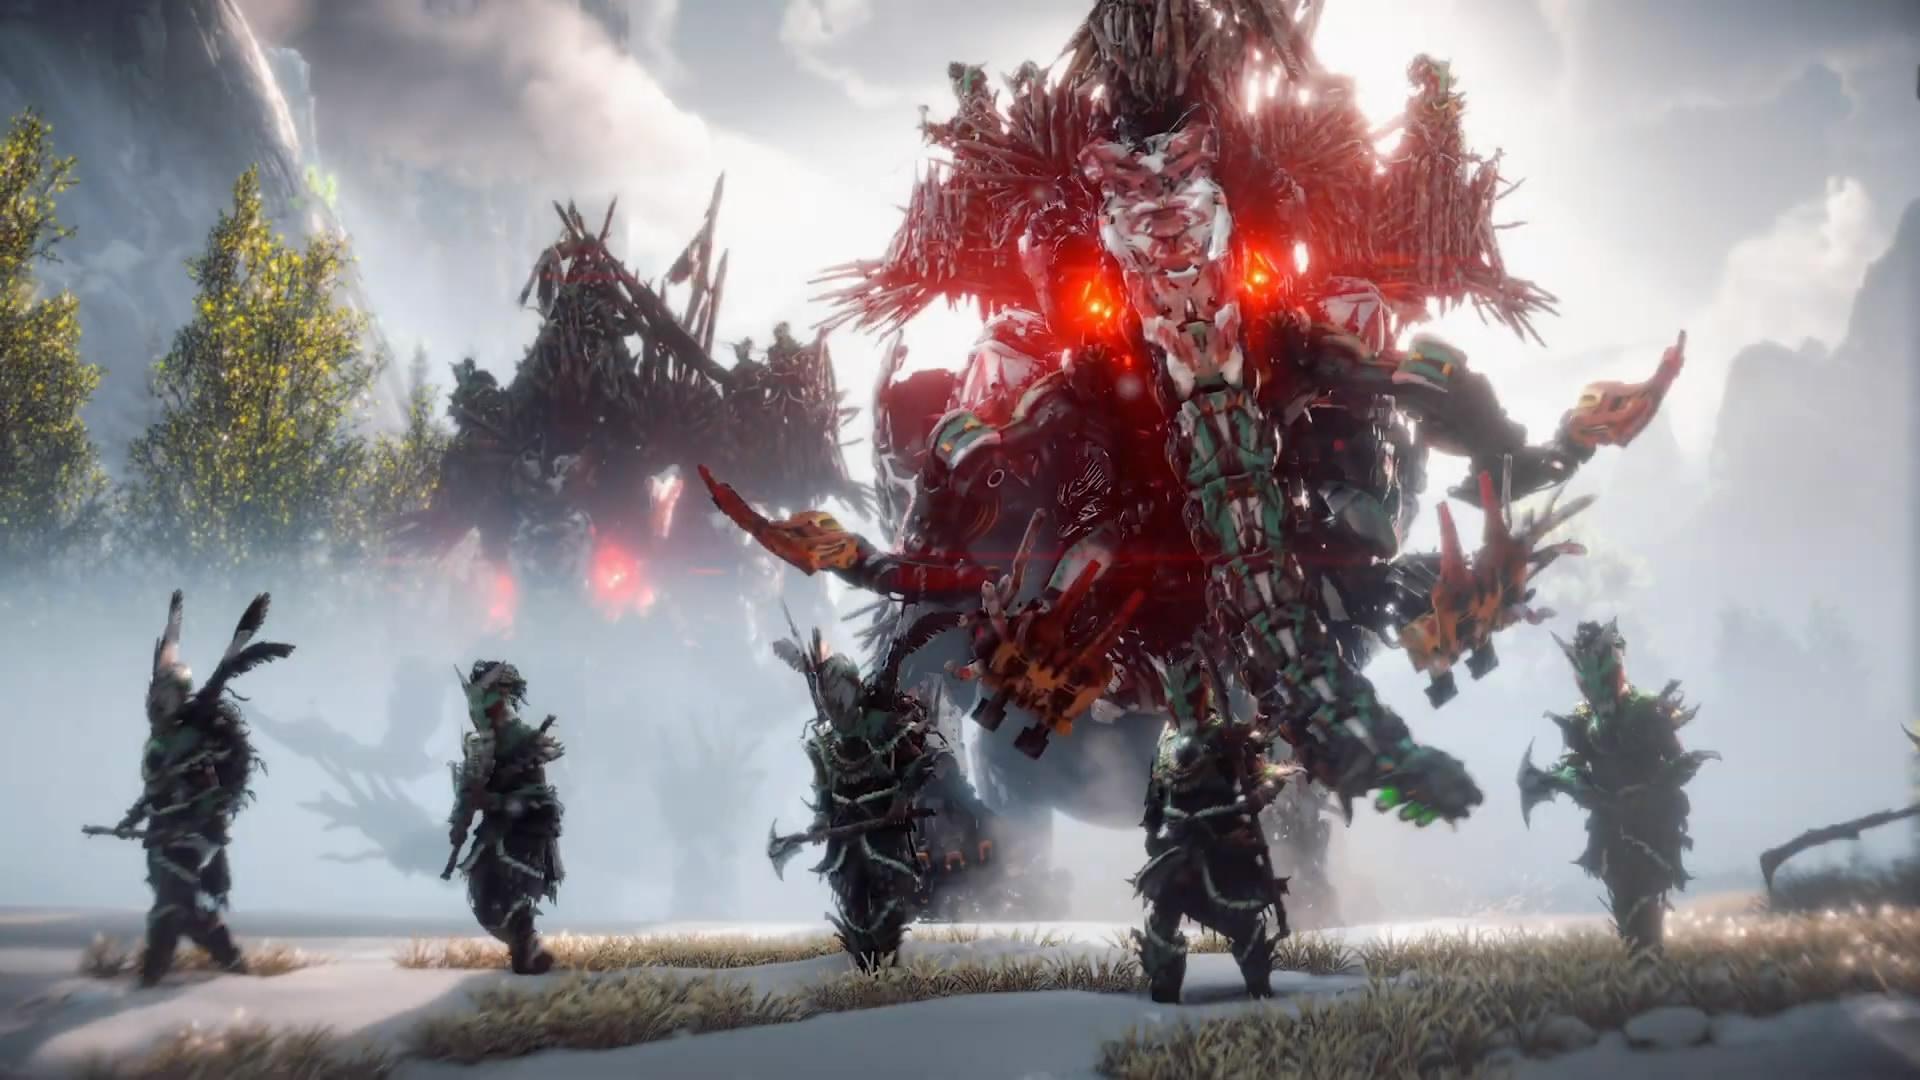 《地平线2:禁忌西部》几乎无加载画面 2021年内发售